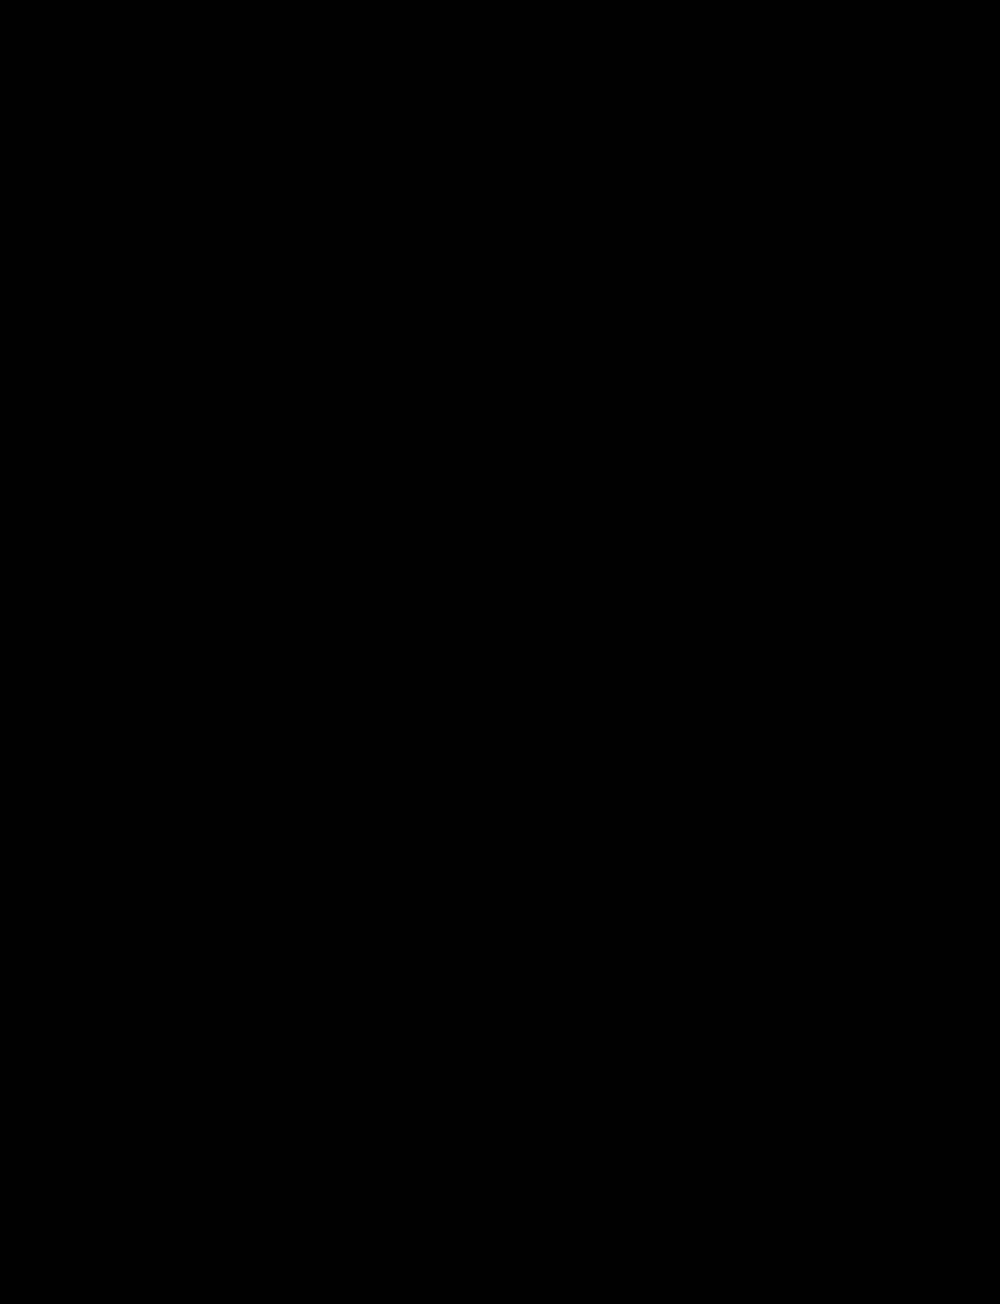 Maler-logo-black.png